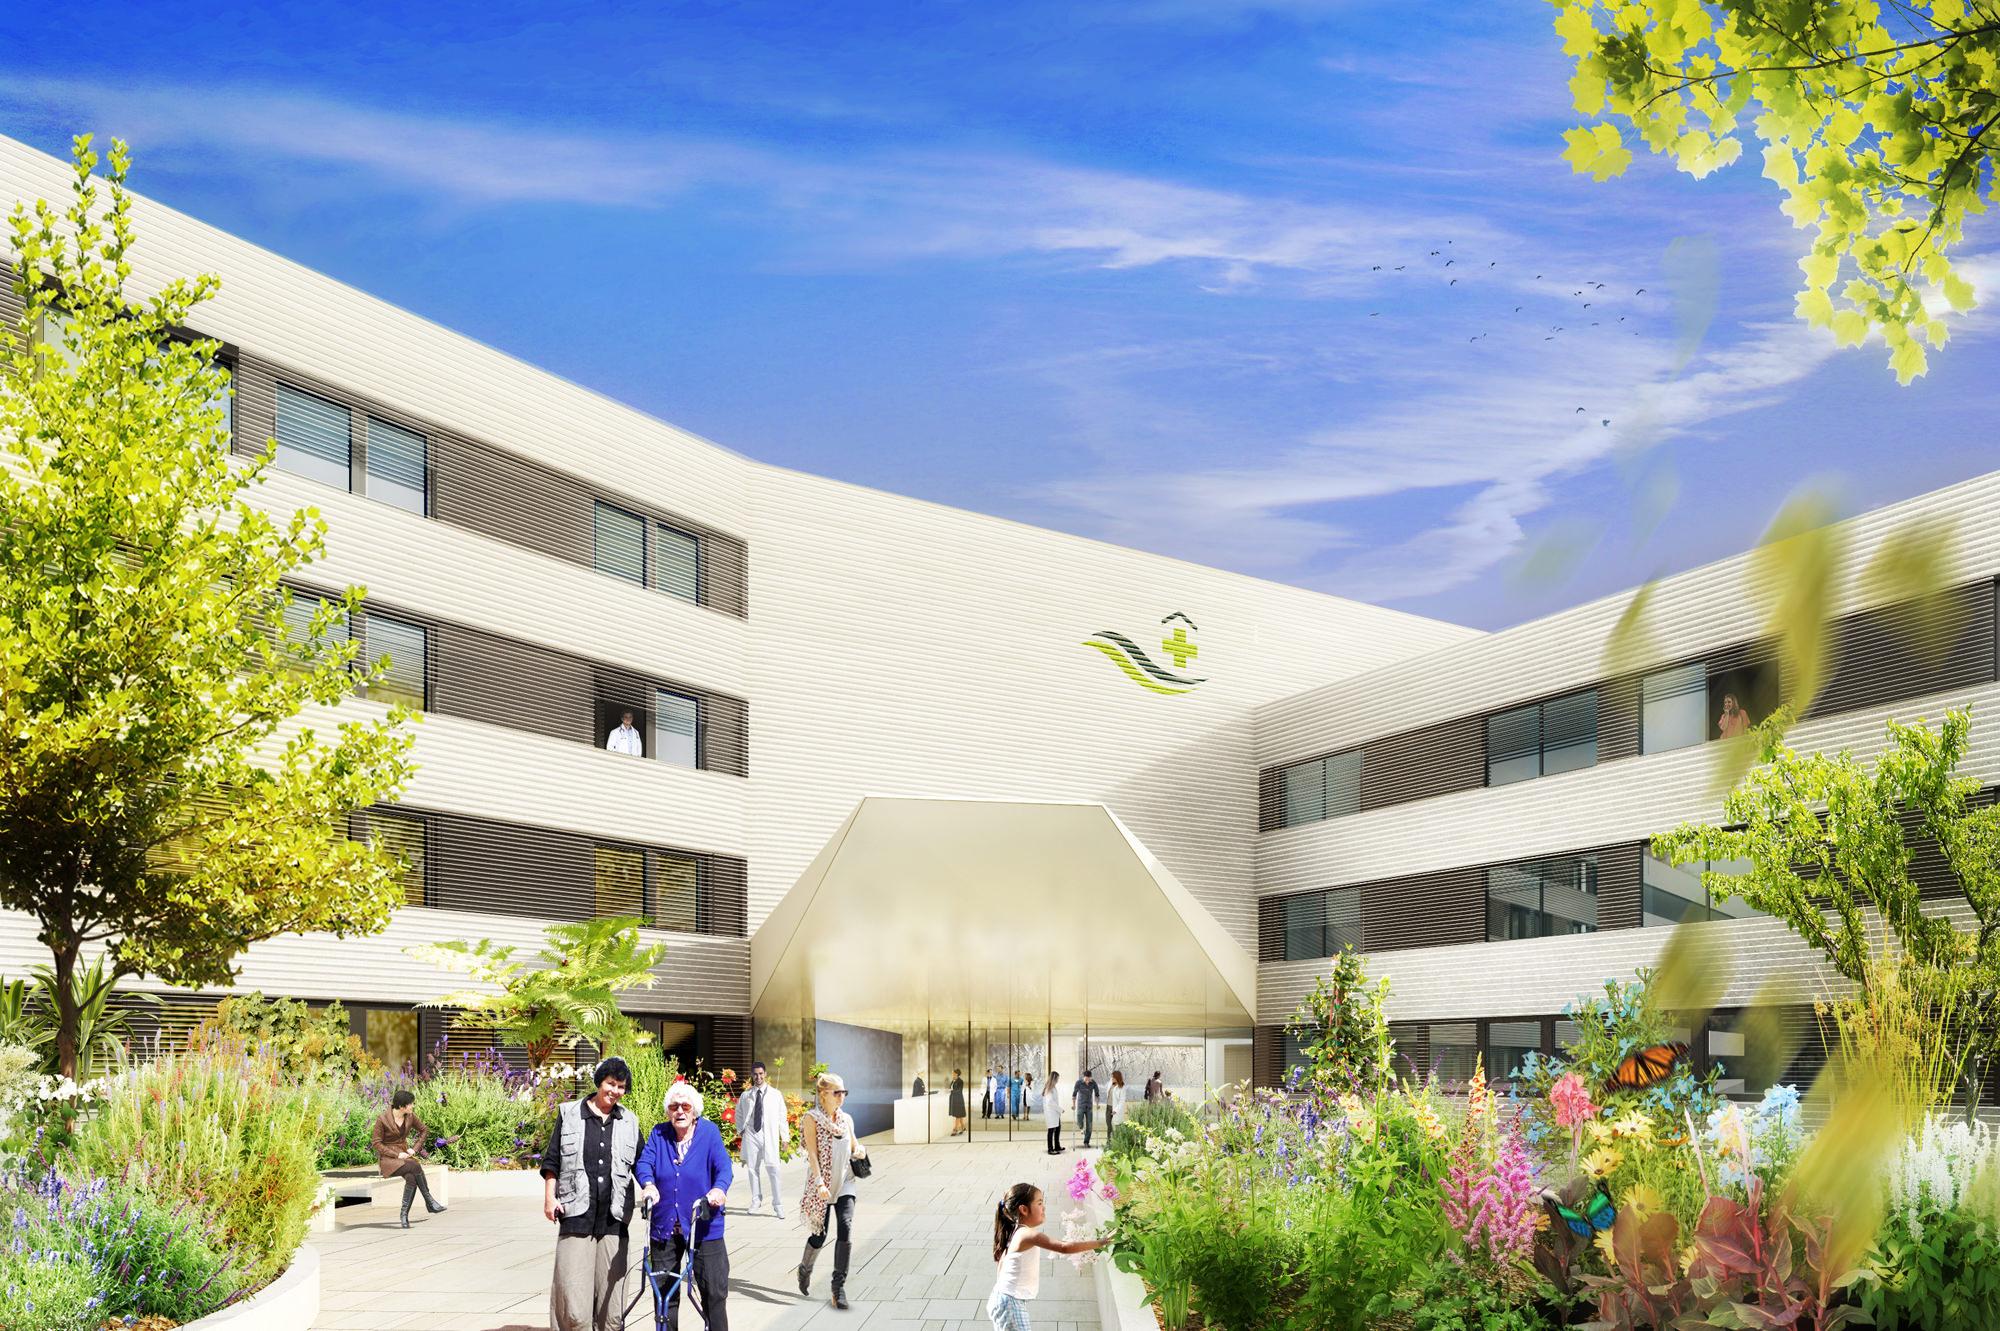 krankenhaus radebeul 01 umbau sanierung junger beer architektur